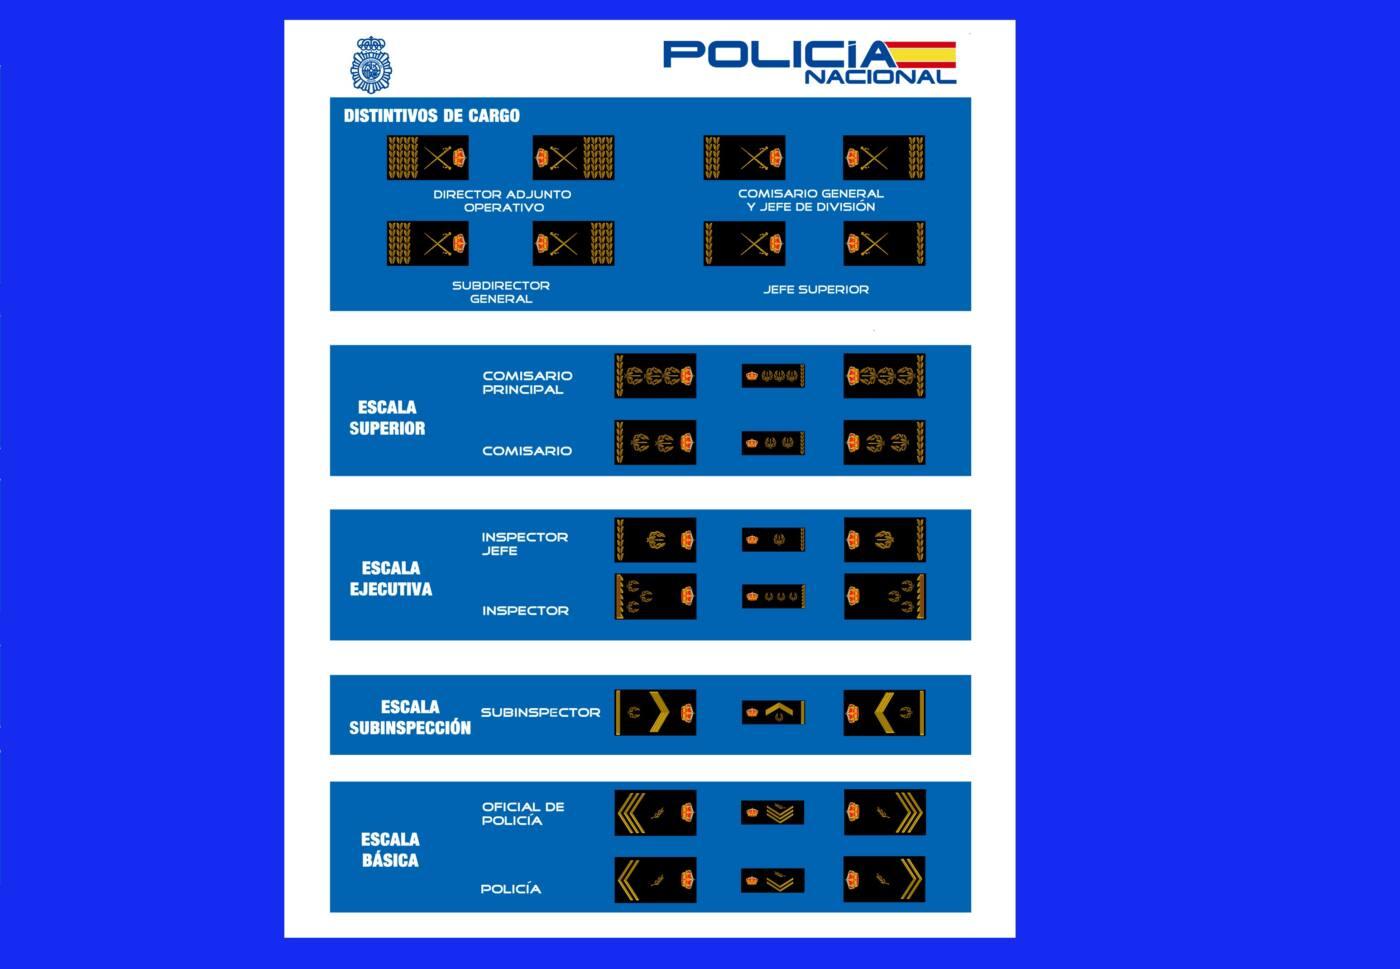 divisas policiales